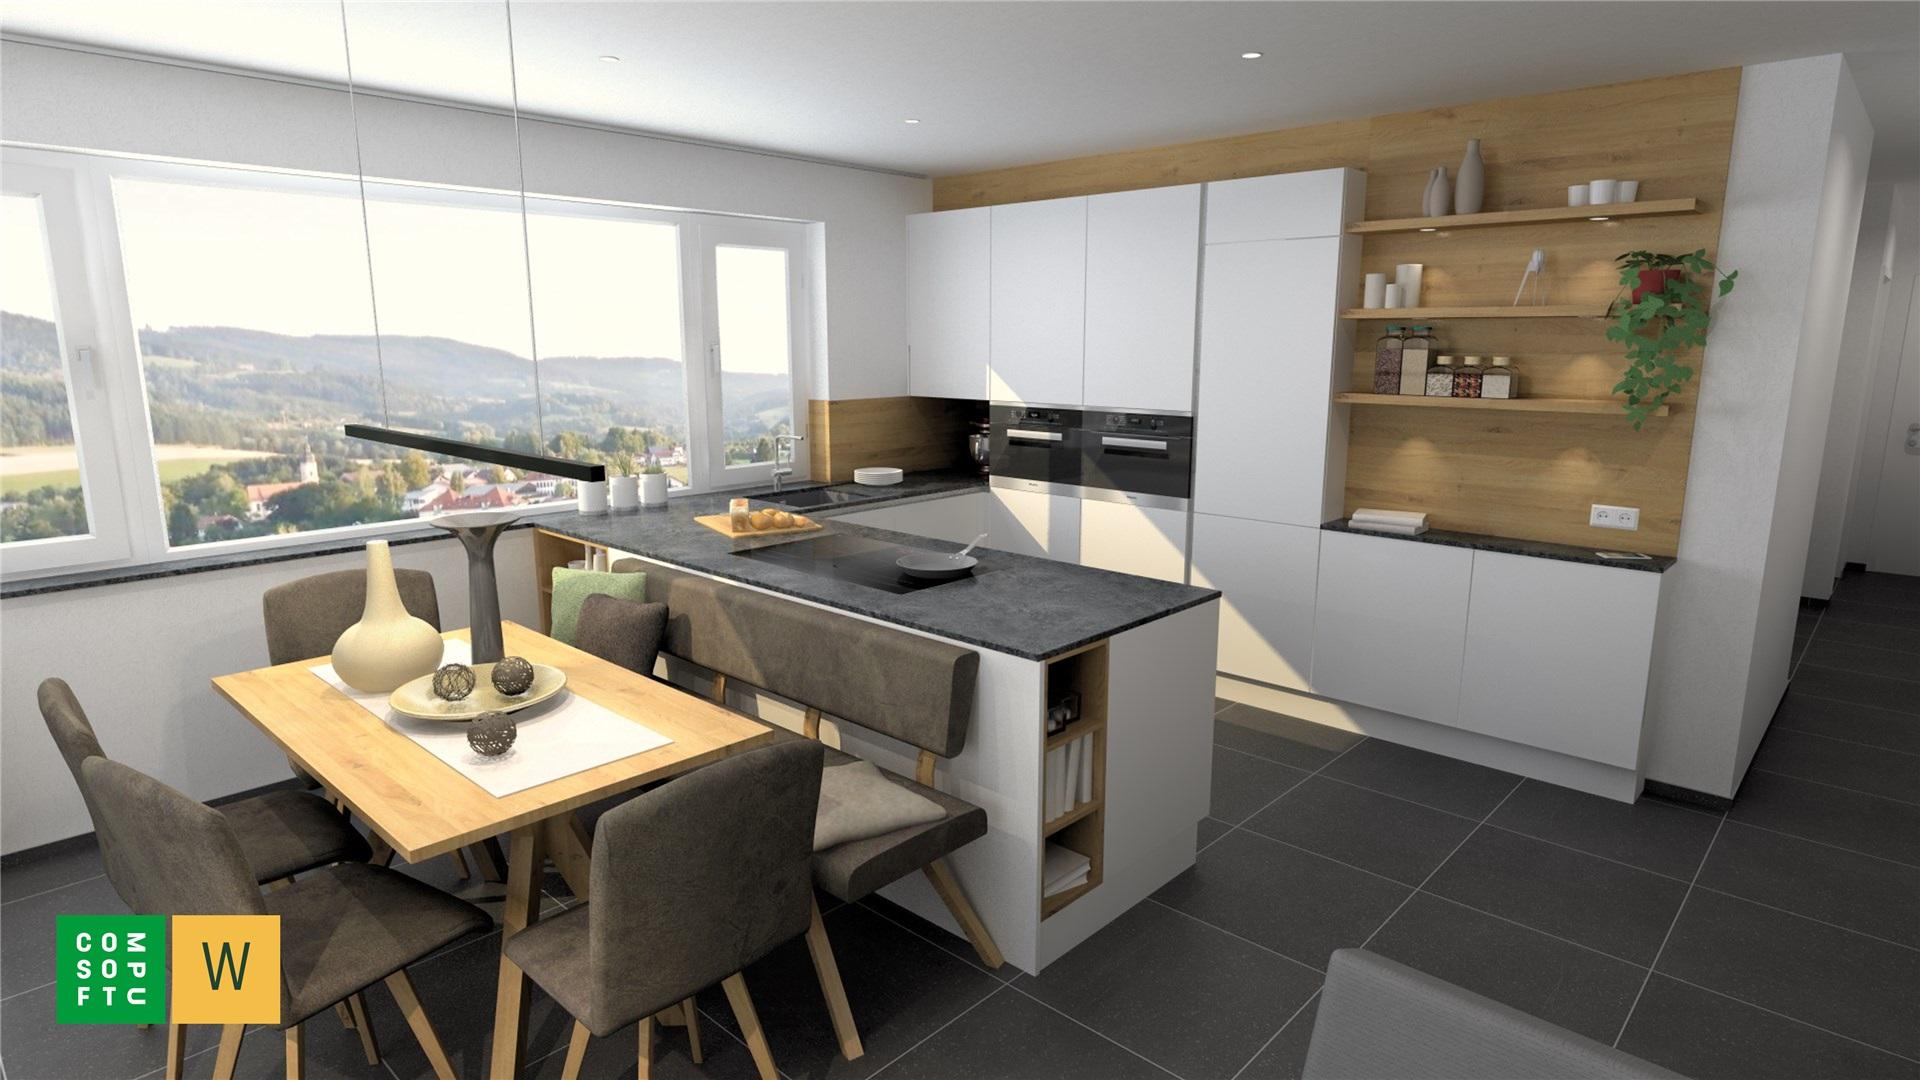 Ihre Traumküche jetzt planen mit dem 3D online Planer gratis inkl. Preisangebot